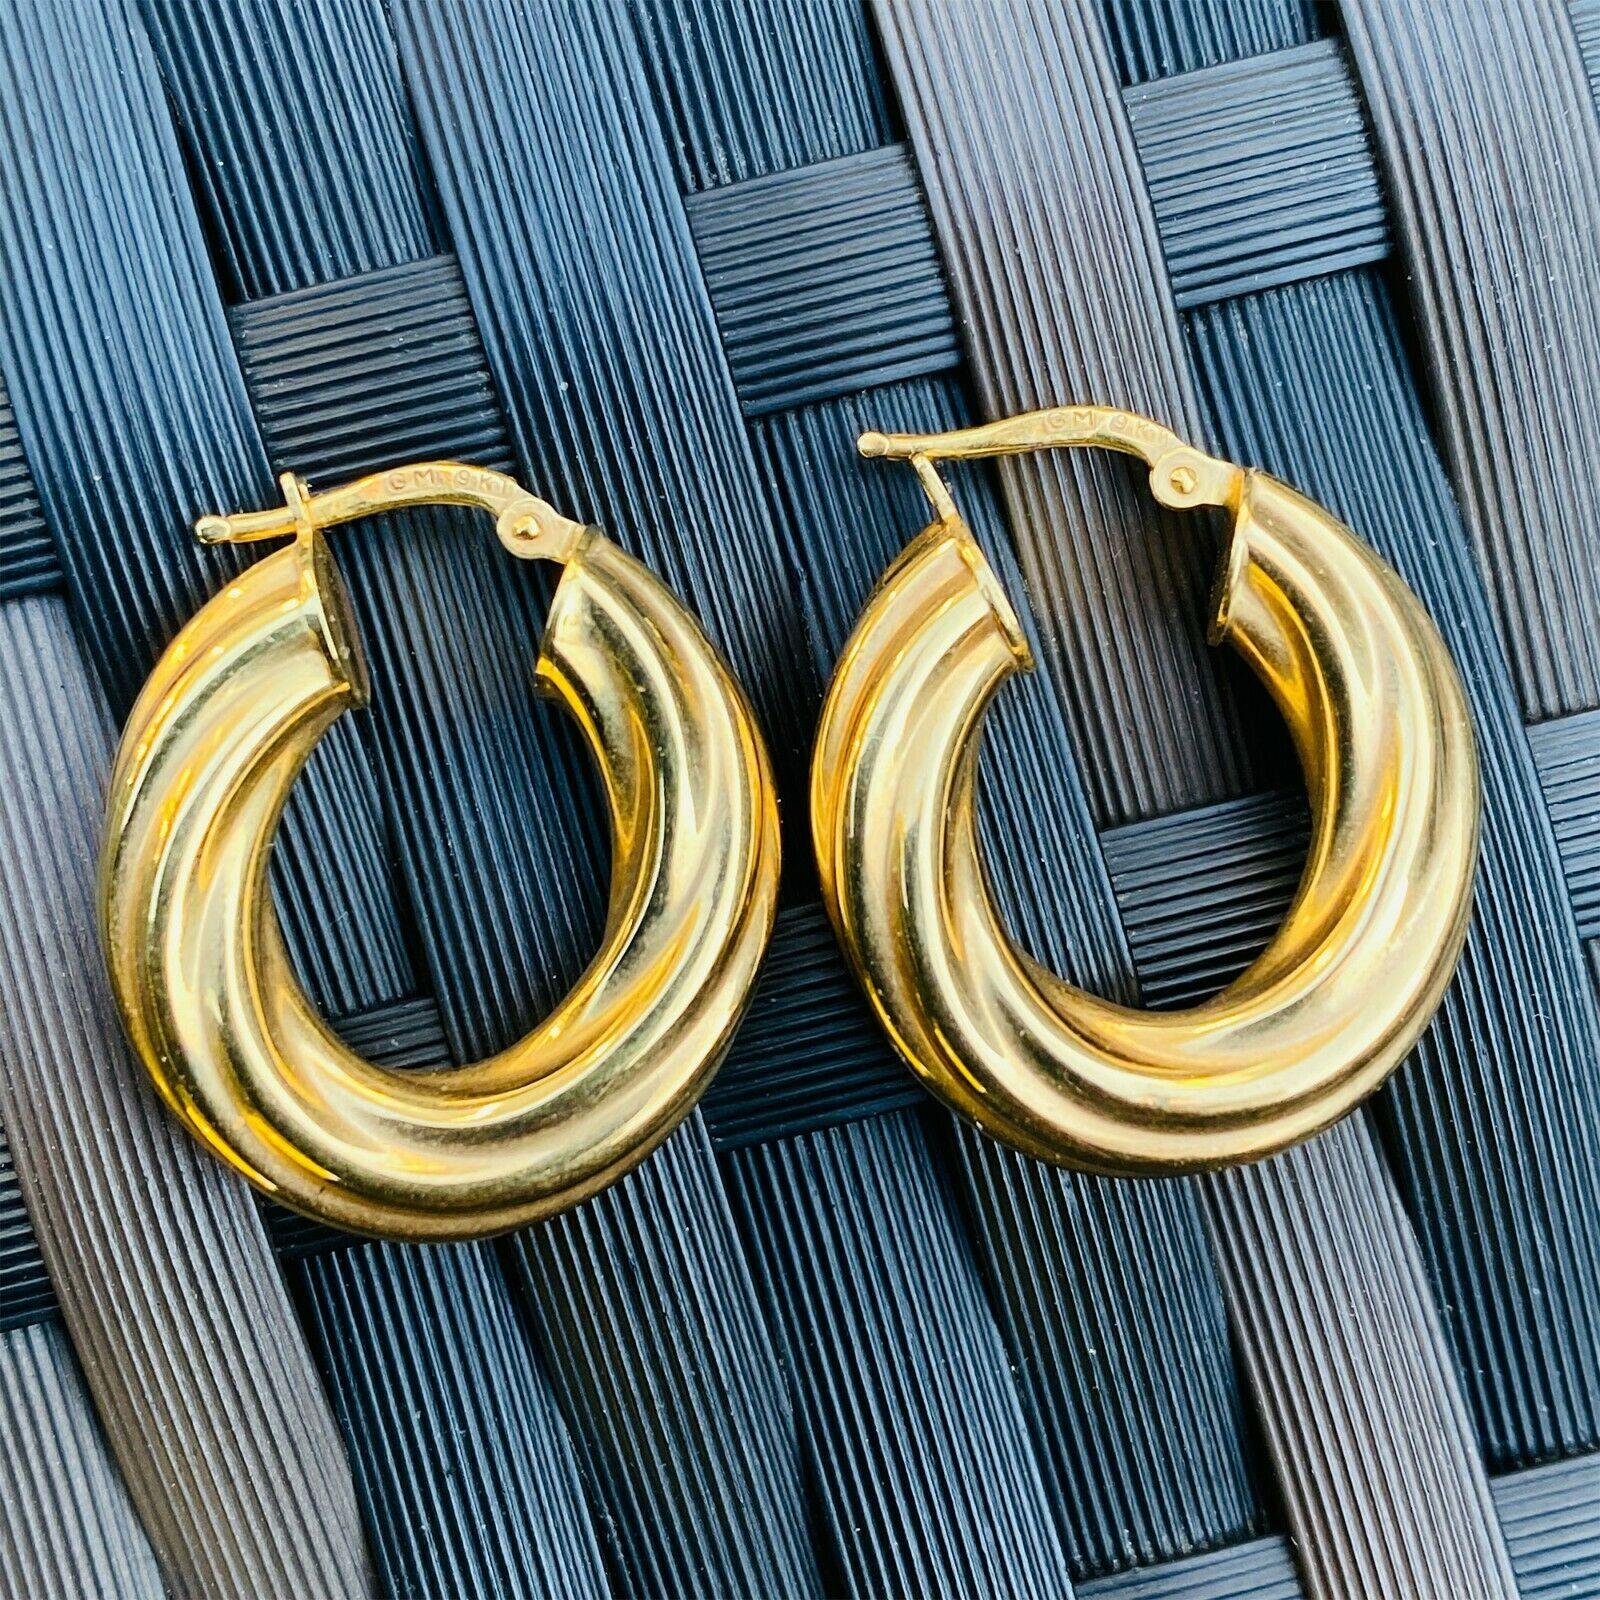 Gorgeous 9ct, 9k, 375 Gold, wide 5.5mm twist, rope hoop Earrings, 23.5 x 22.5mm